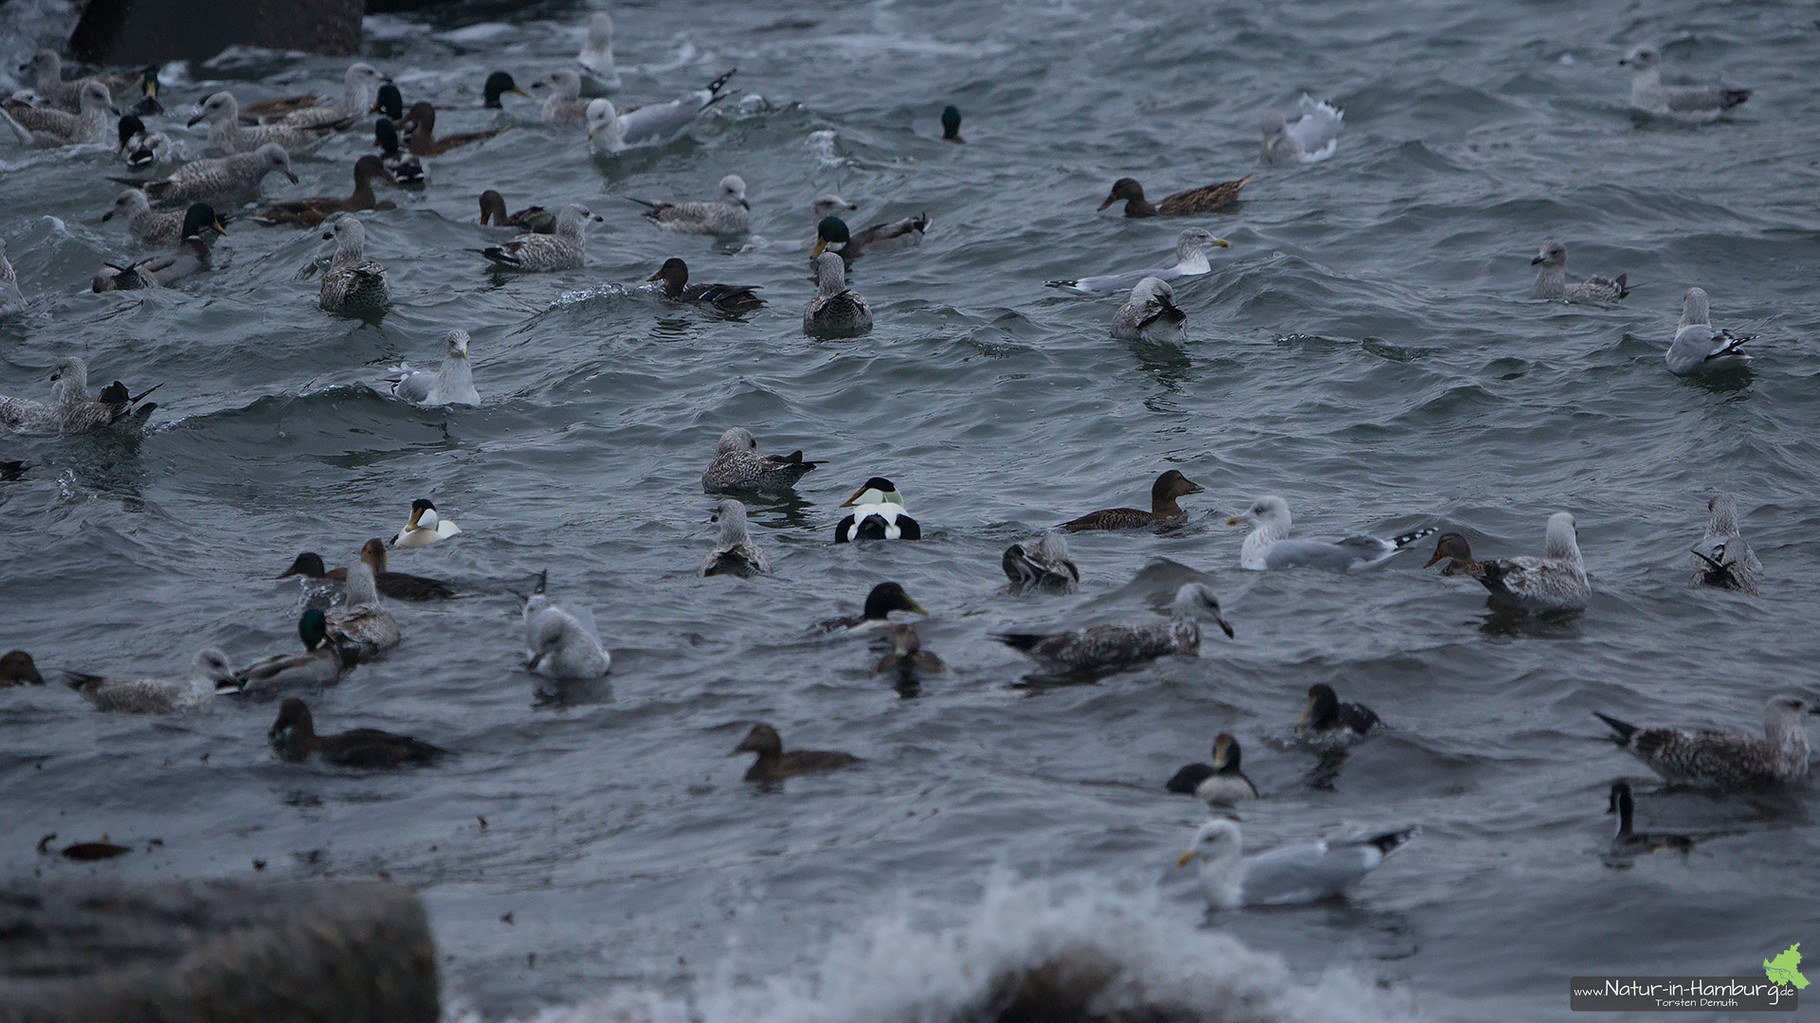 Verschiedene Möwen und Entenarten tummeln sich vor dem Kringelstrand im Wasser